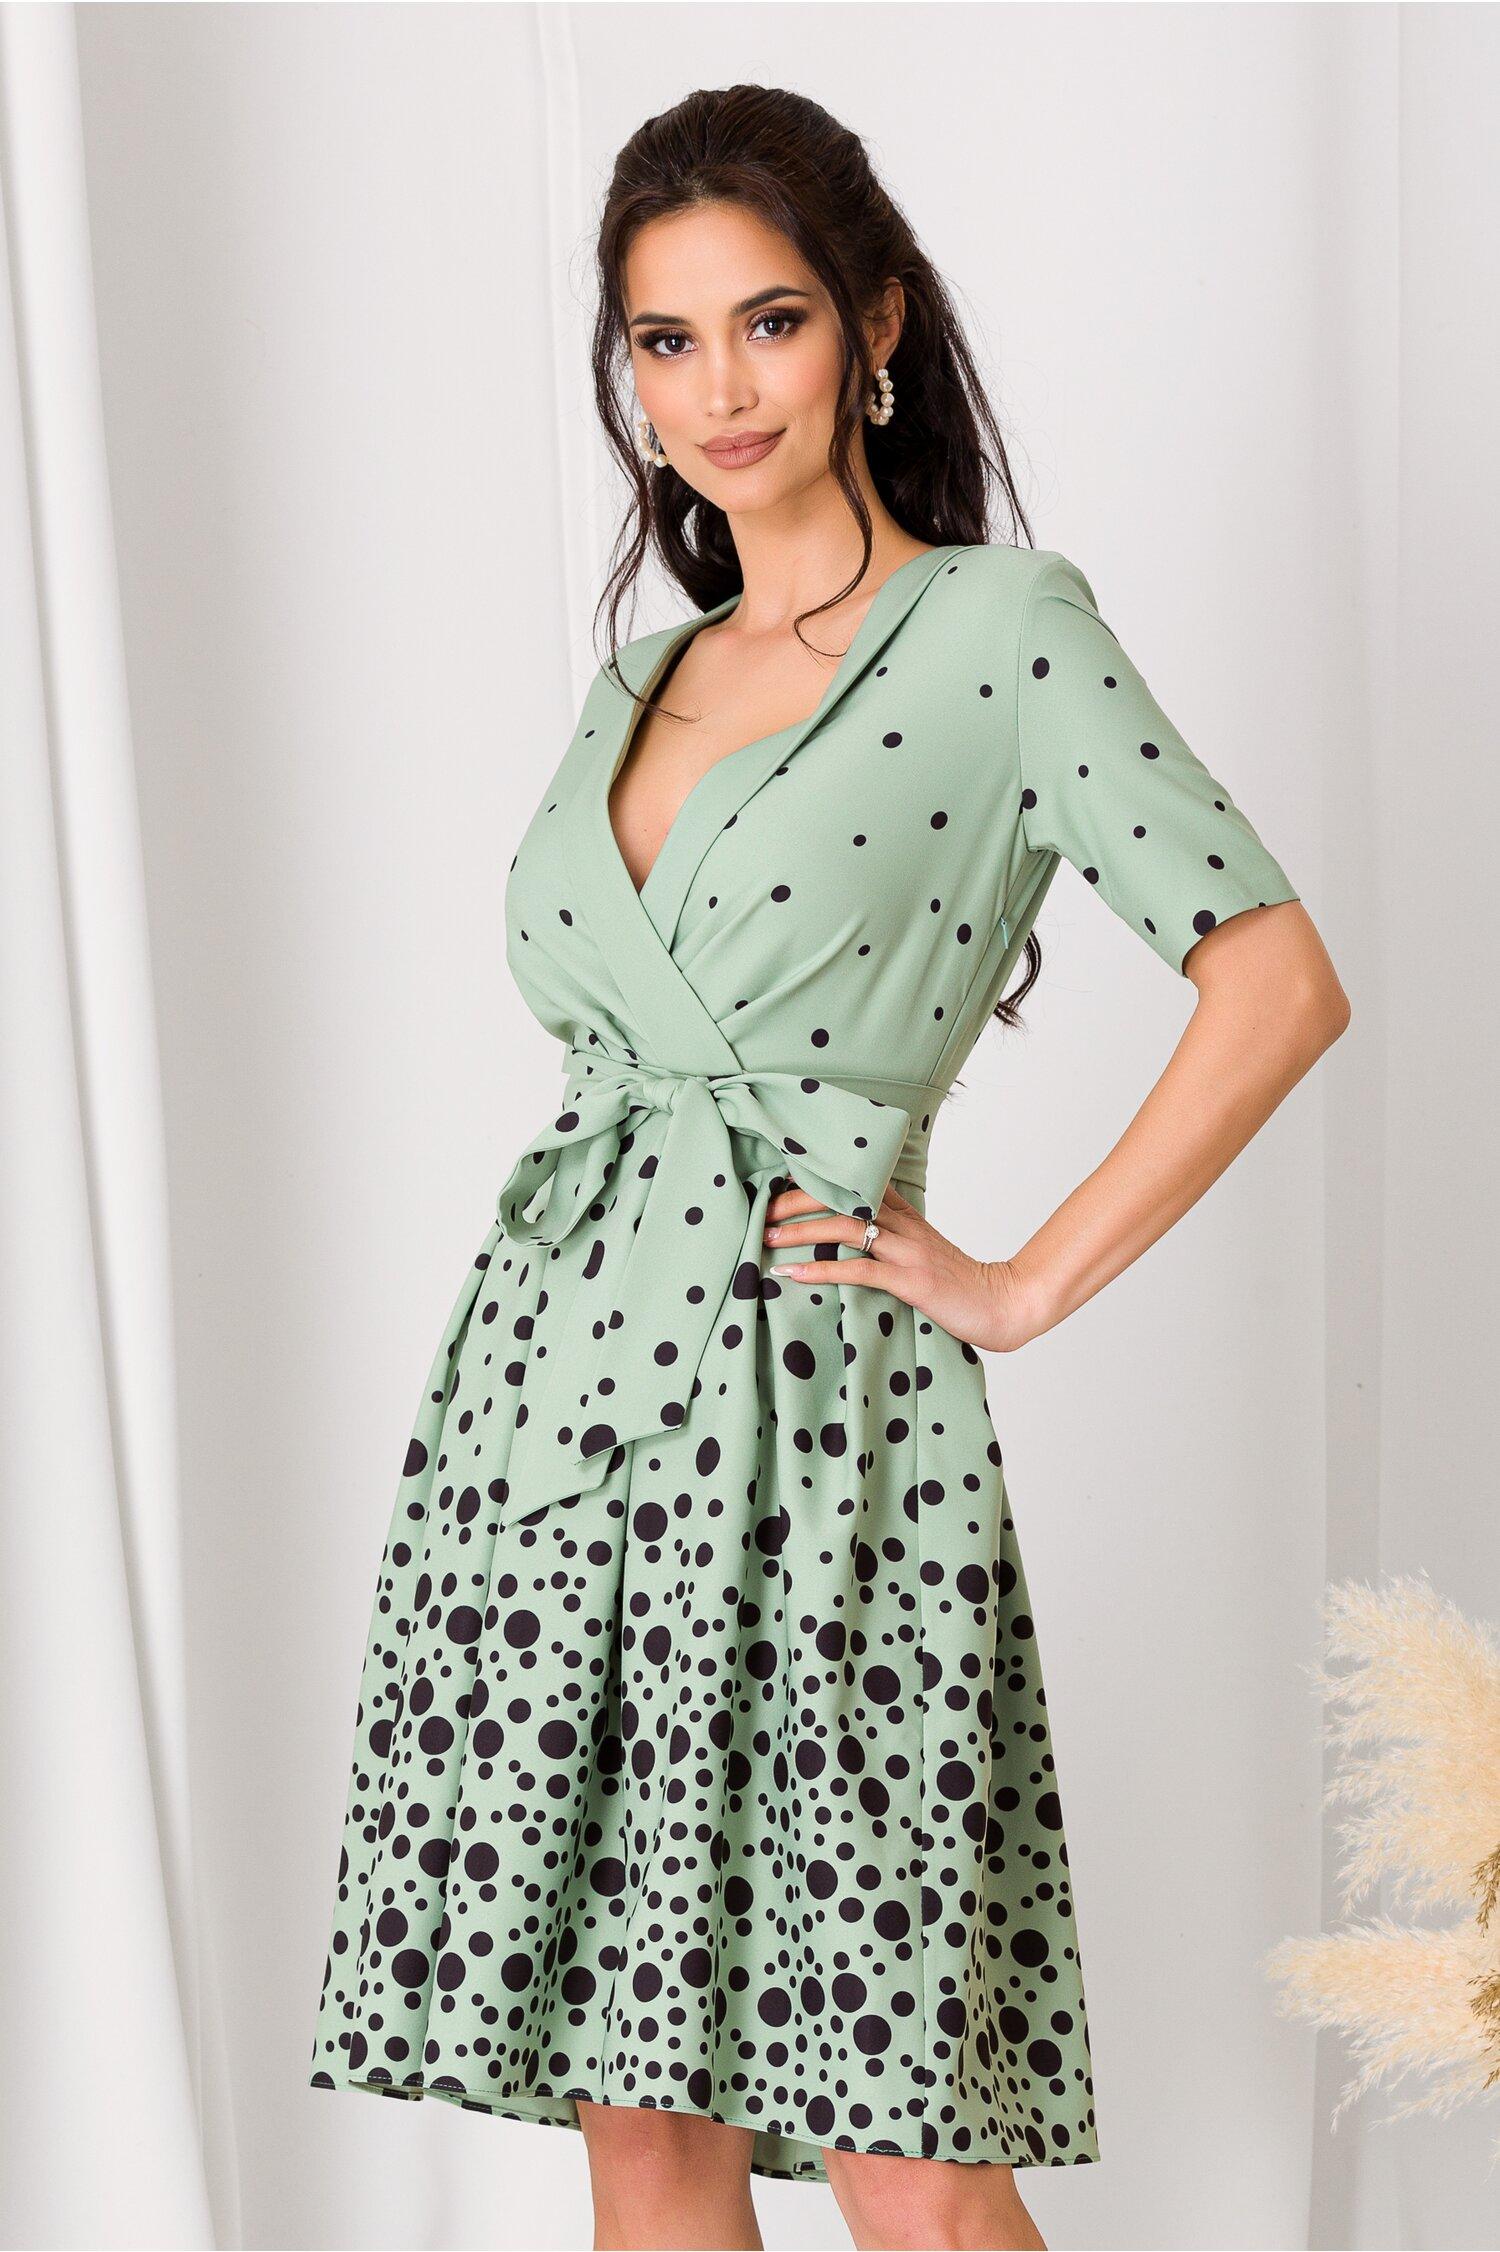 Rochie Dori verde mint cu buline negre